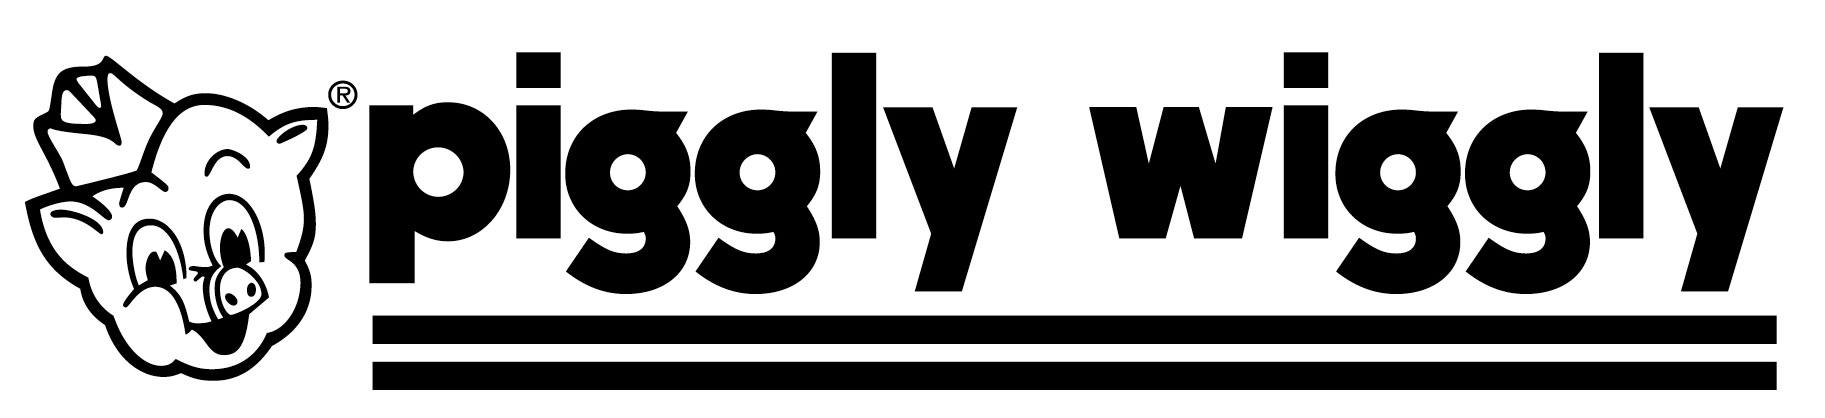 Piggly Wiggly Logo Vector   designlogovector.com